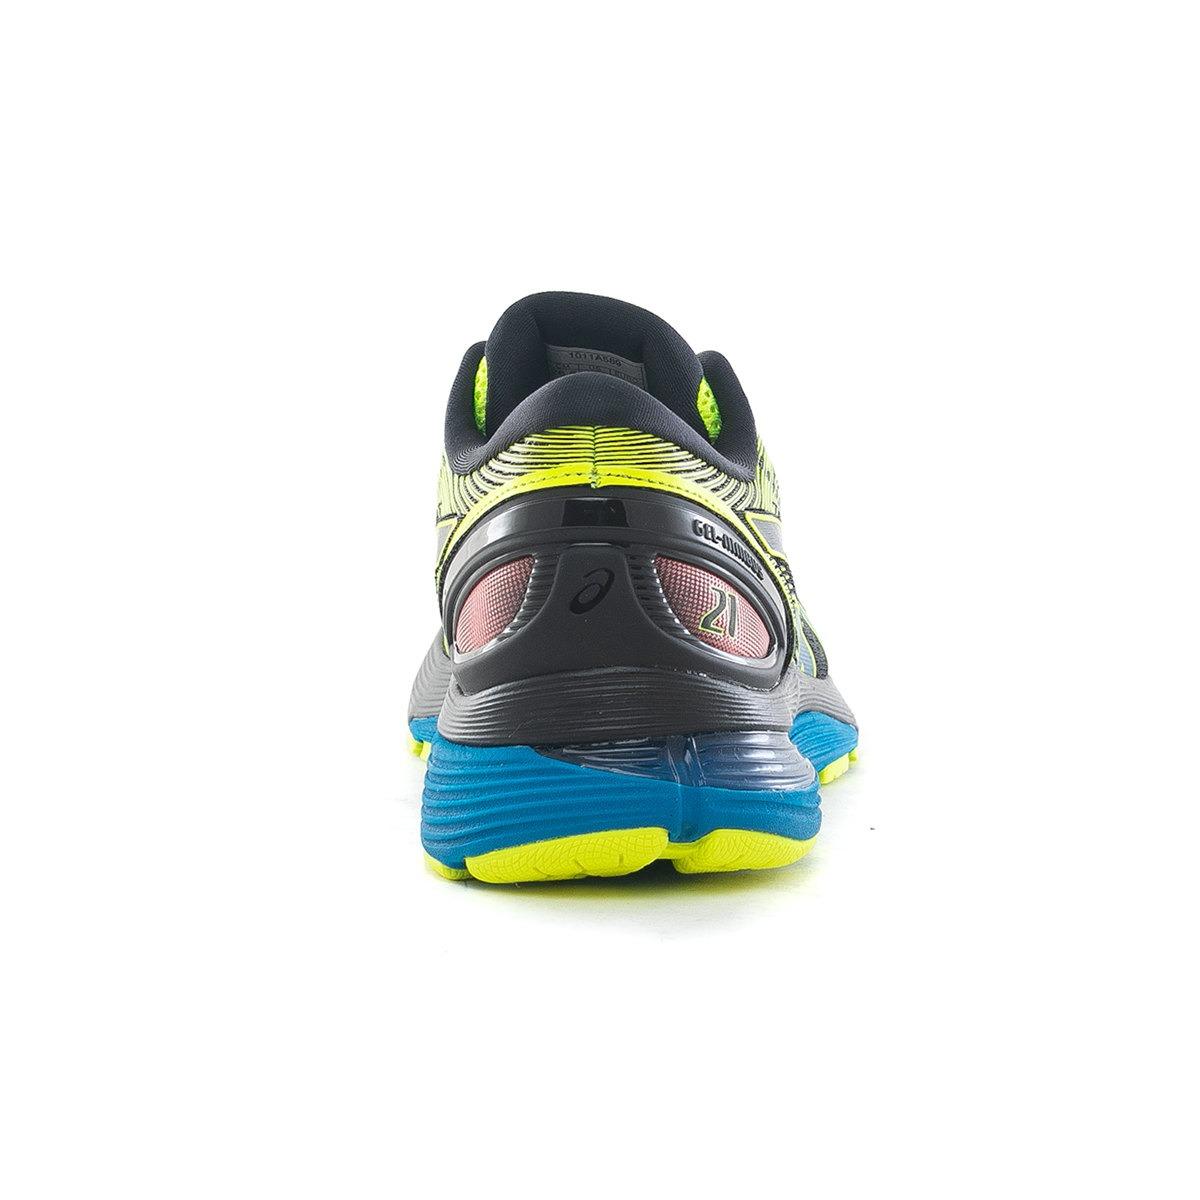 f6c728de2 zapatillas gel-nimbus 21 sp asics sport 78 tienda oficial. Cargando zoom.